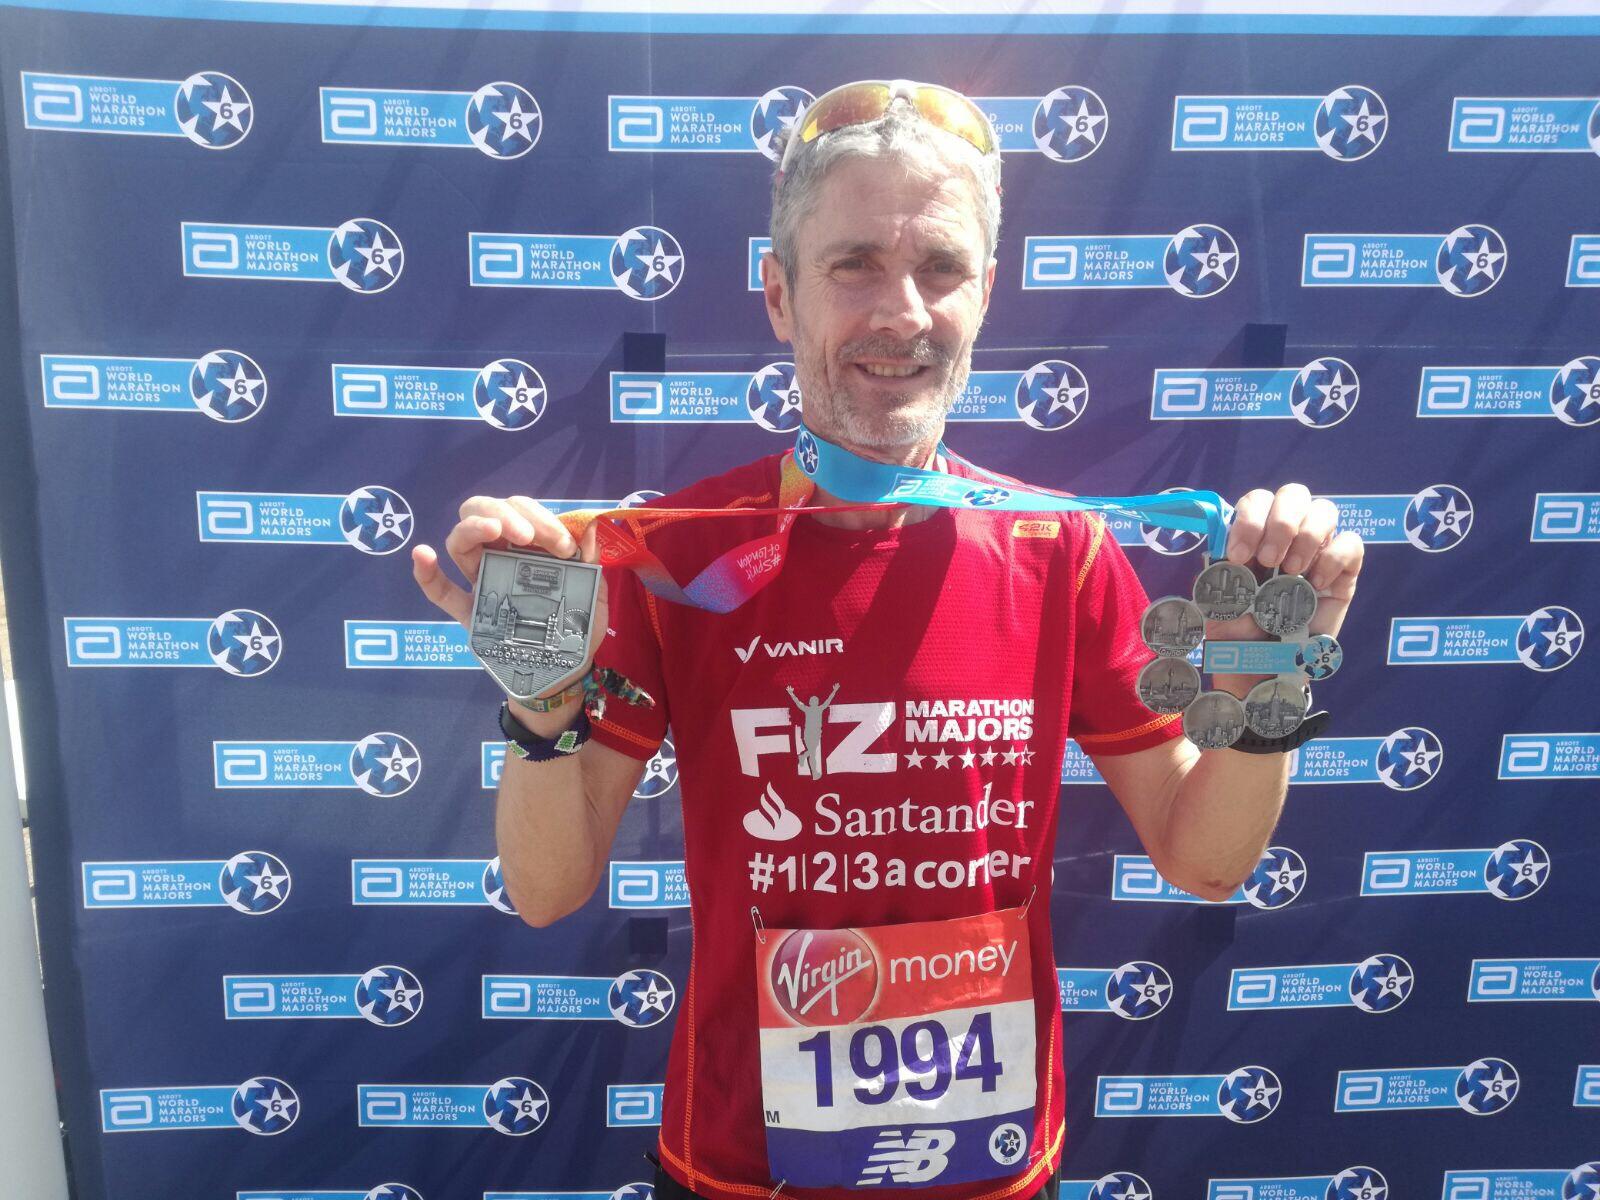 Martín Fiz busca el récord del mundo de 10 km este fin de semana en Valencia